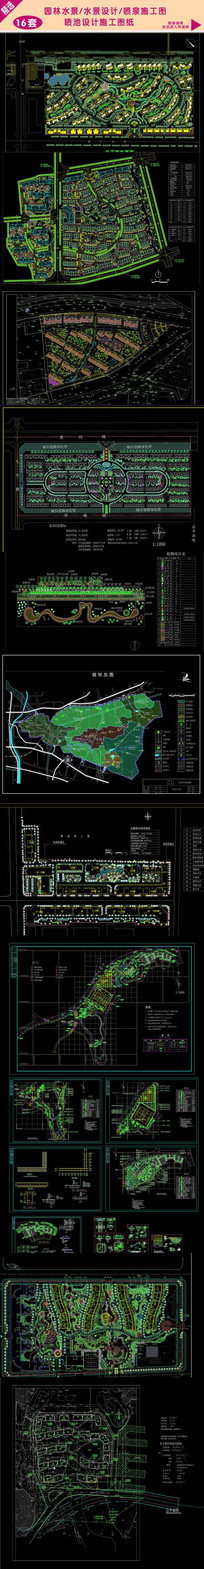 地产平面布置 地产规划图纸